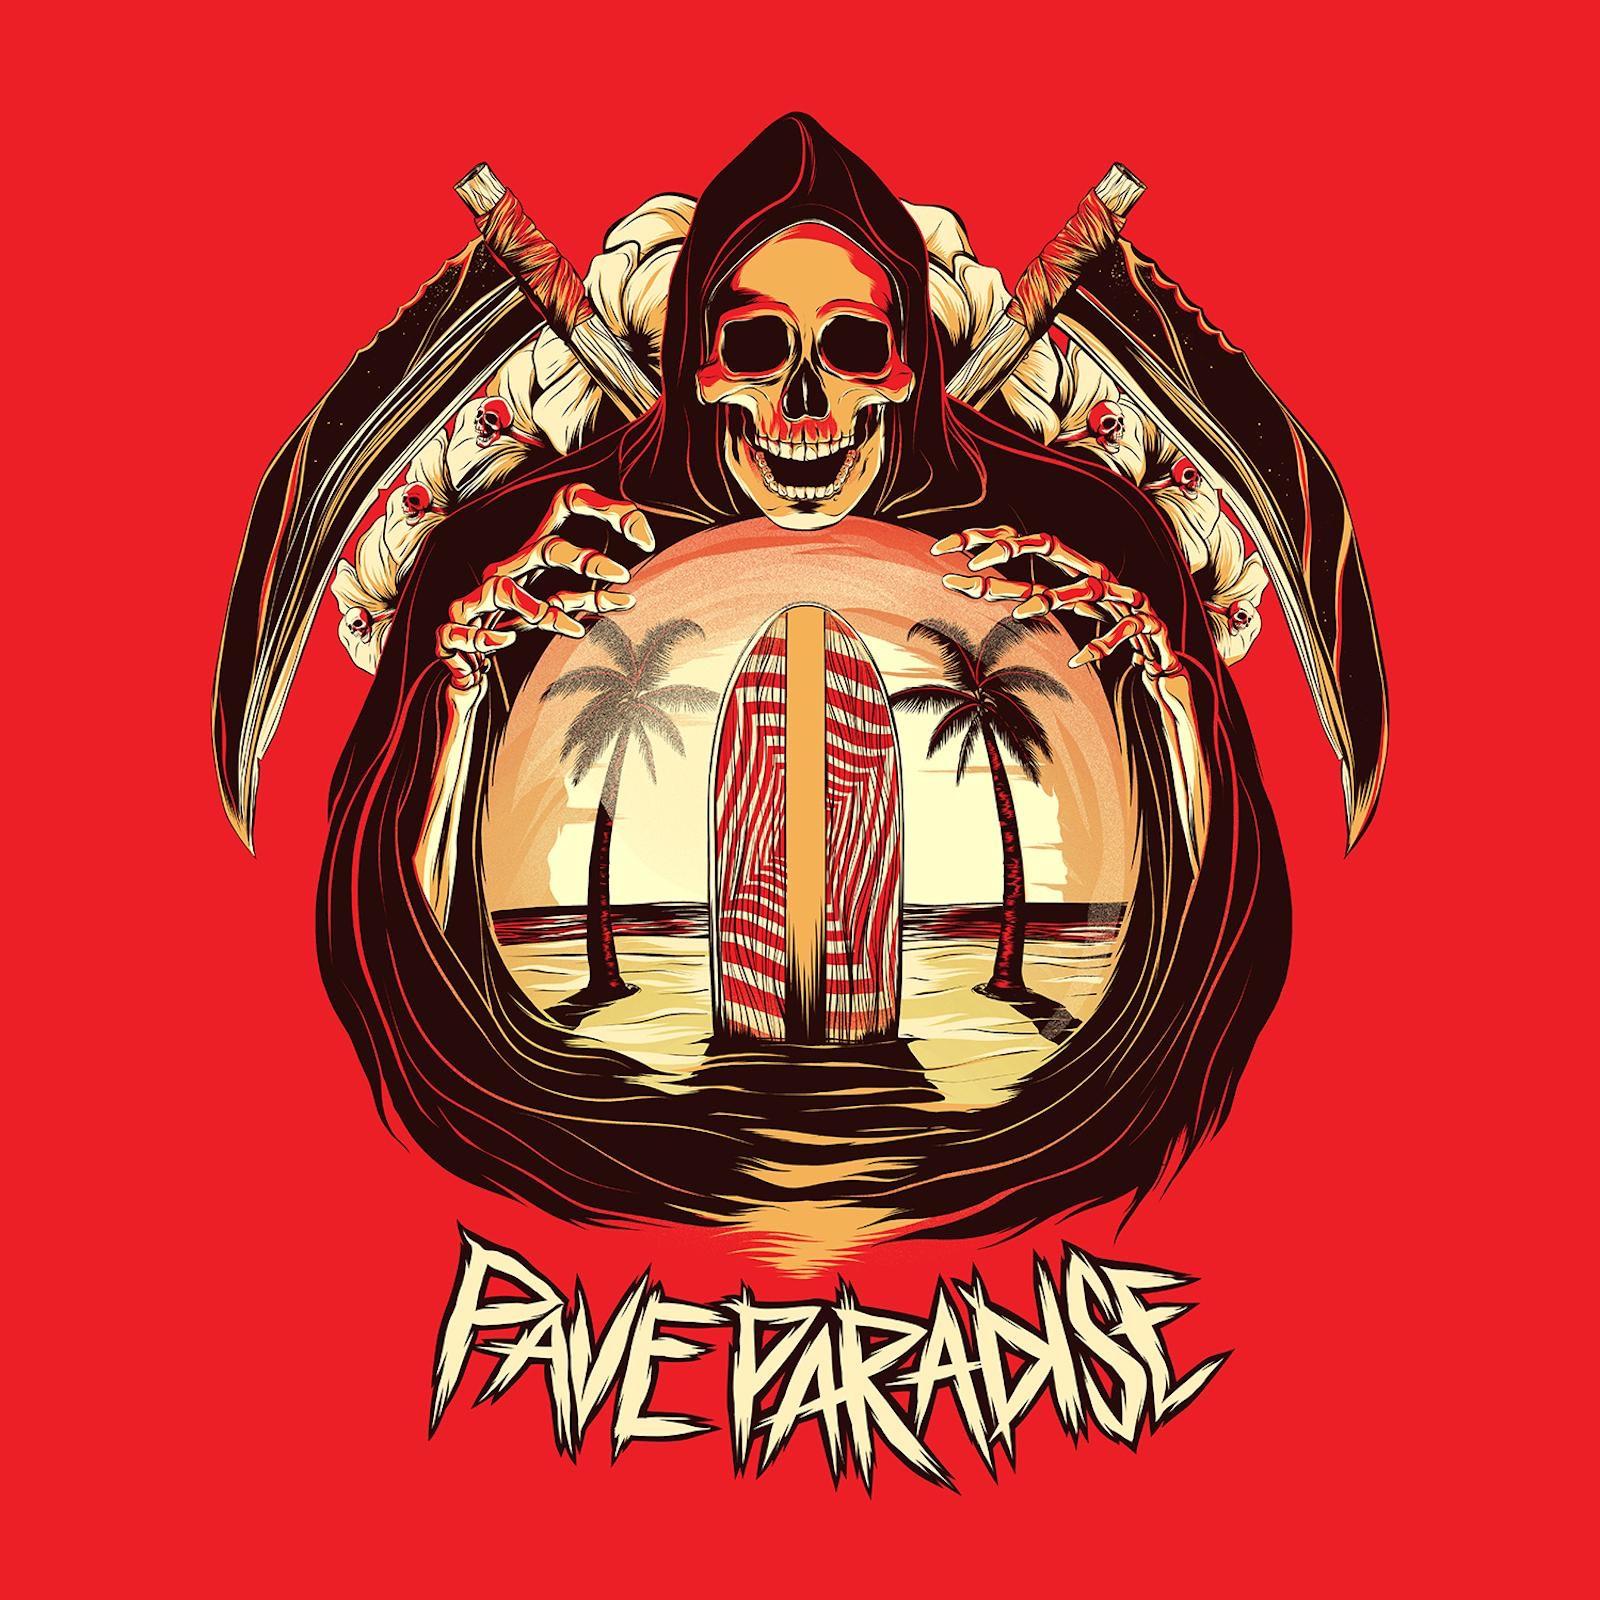 Pave Paradise - Pave Paradise [EP] (2015)